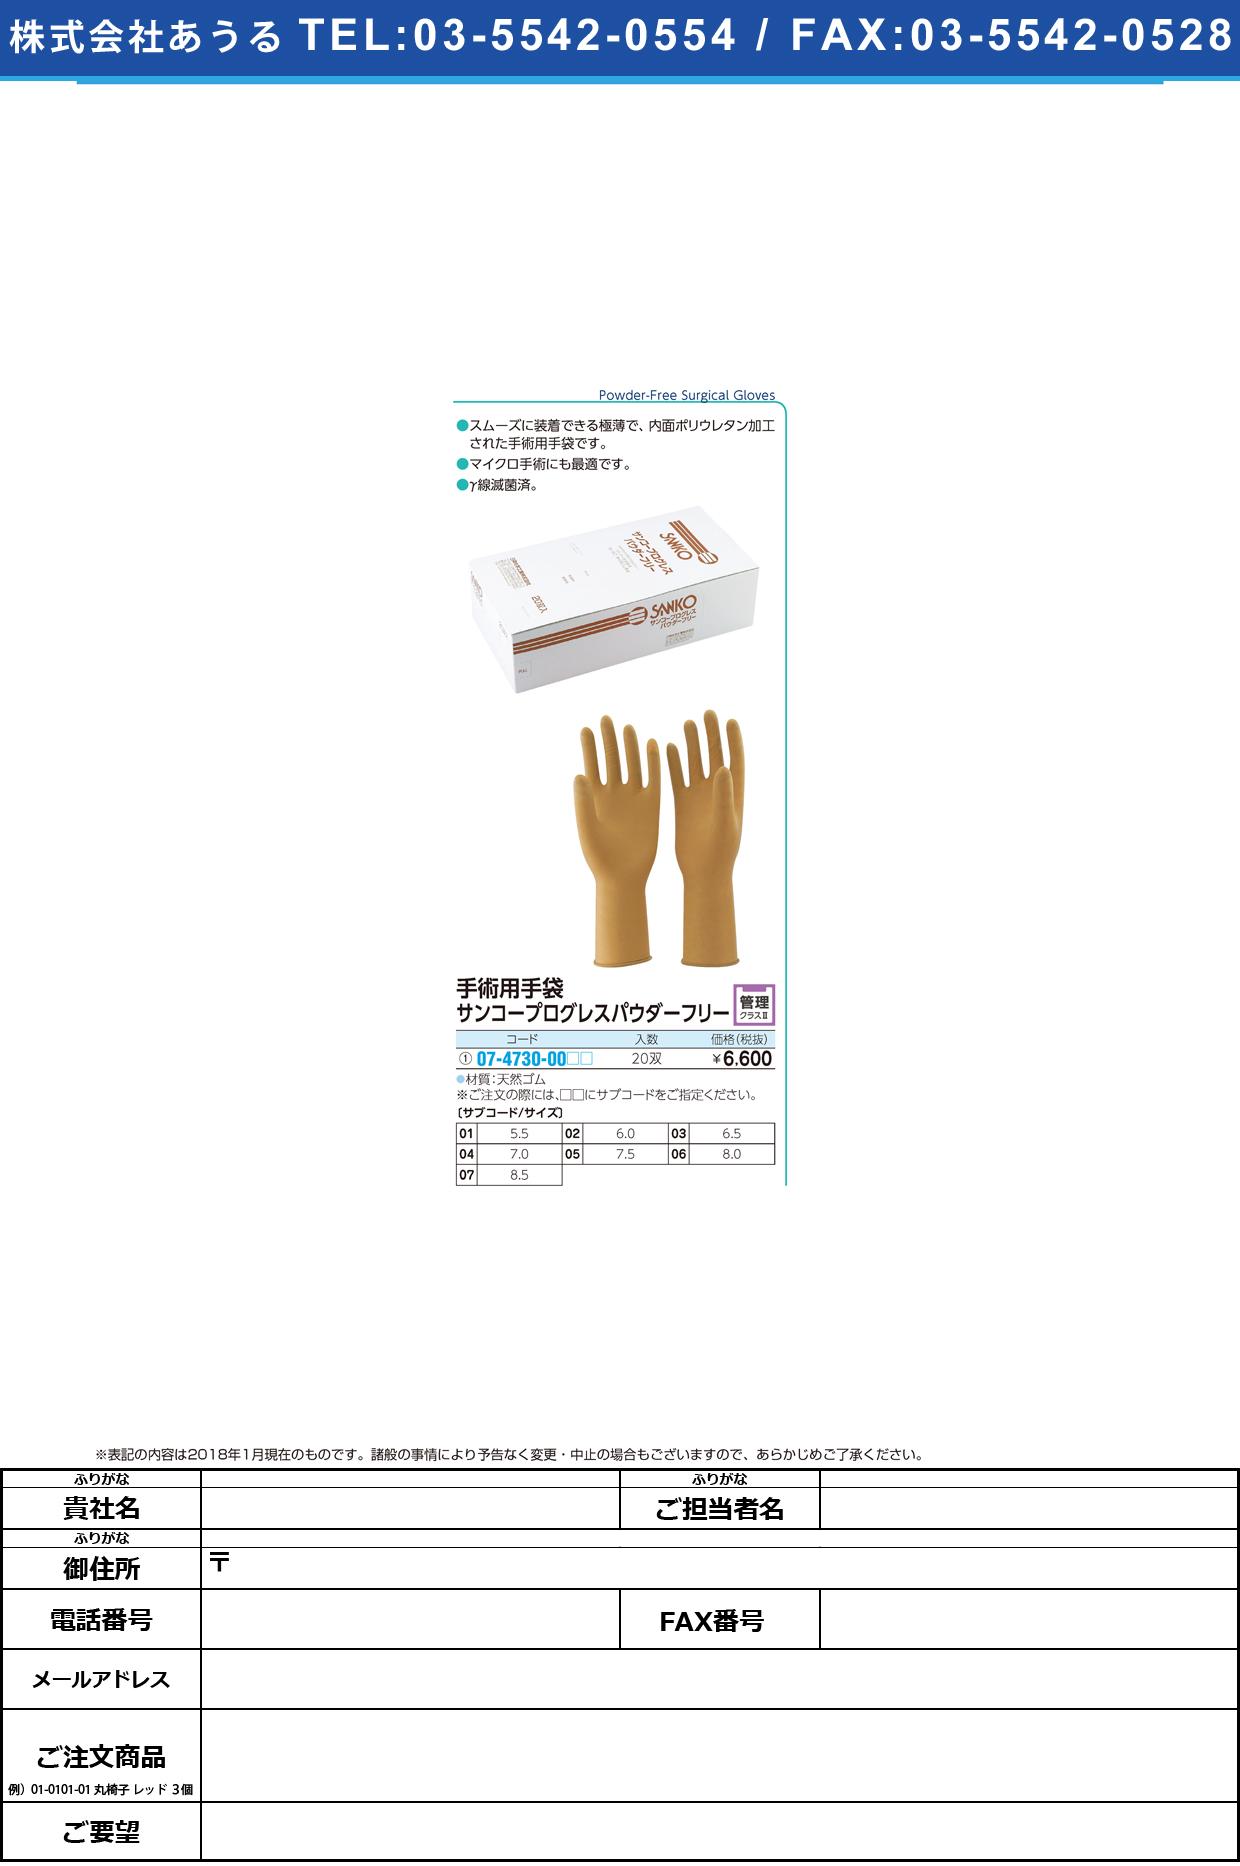 (07-4730-00)手術用手袋プログレスパウダーフリー 20ソウイリ プログレスパウダーフリー 5.5(三興化学工業)【1箱単位】【2018年カタログ商品】